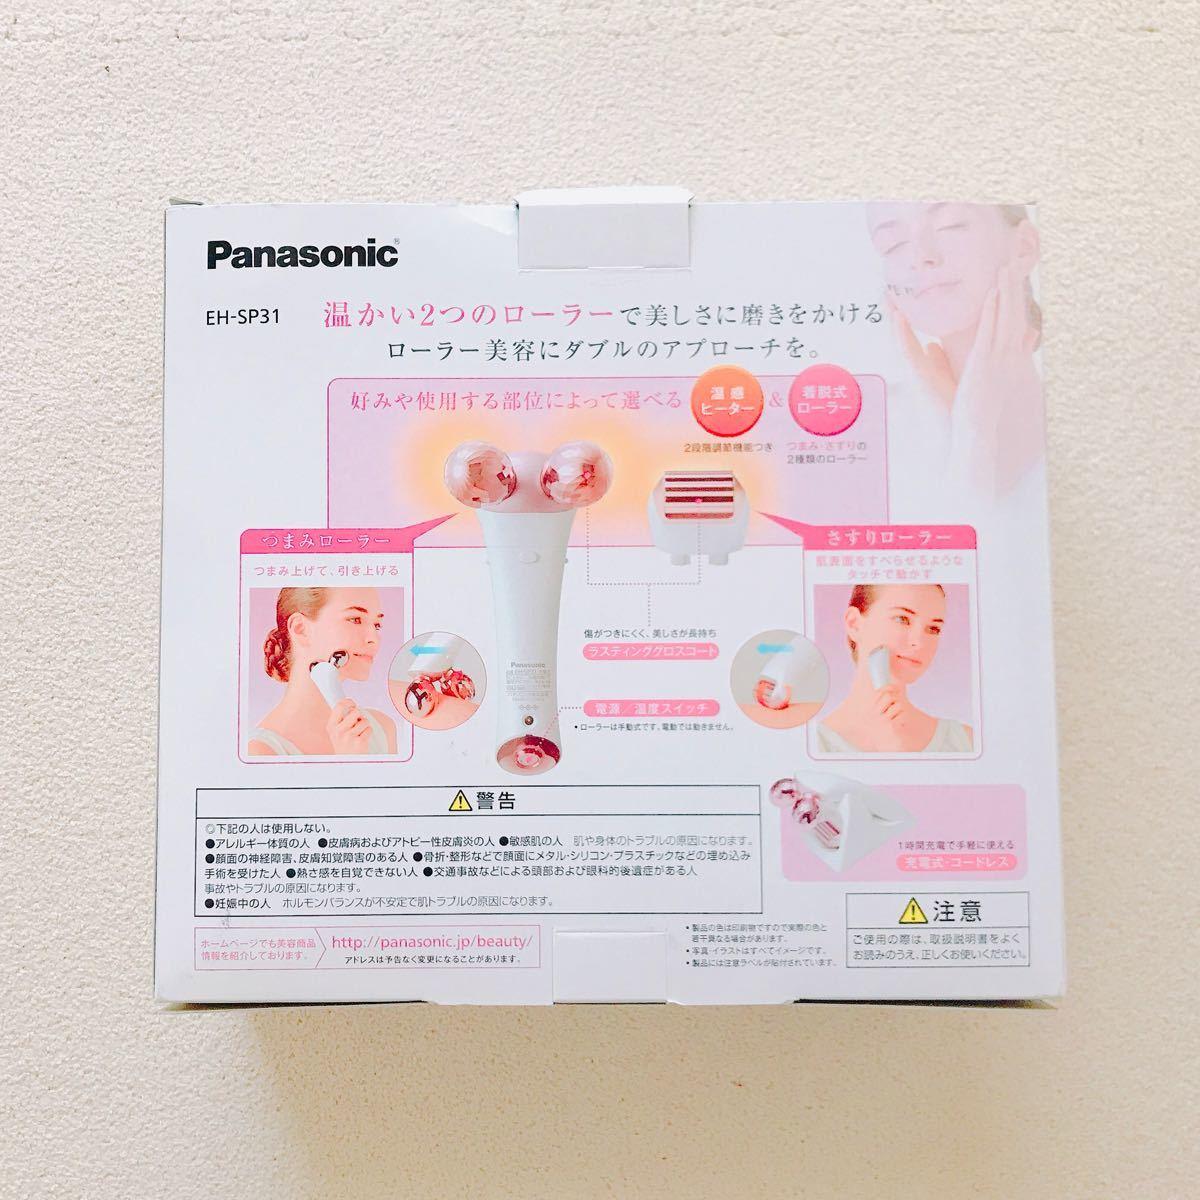 【Panasonic】温感エステローラー